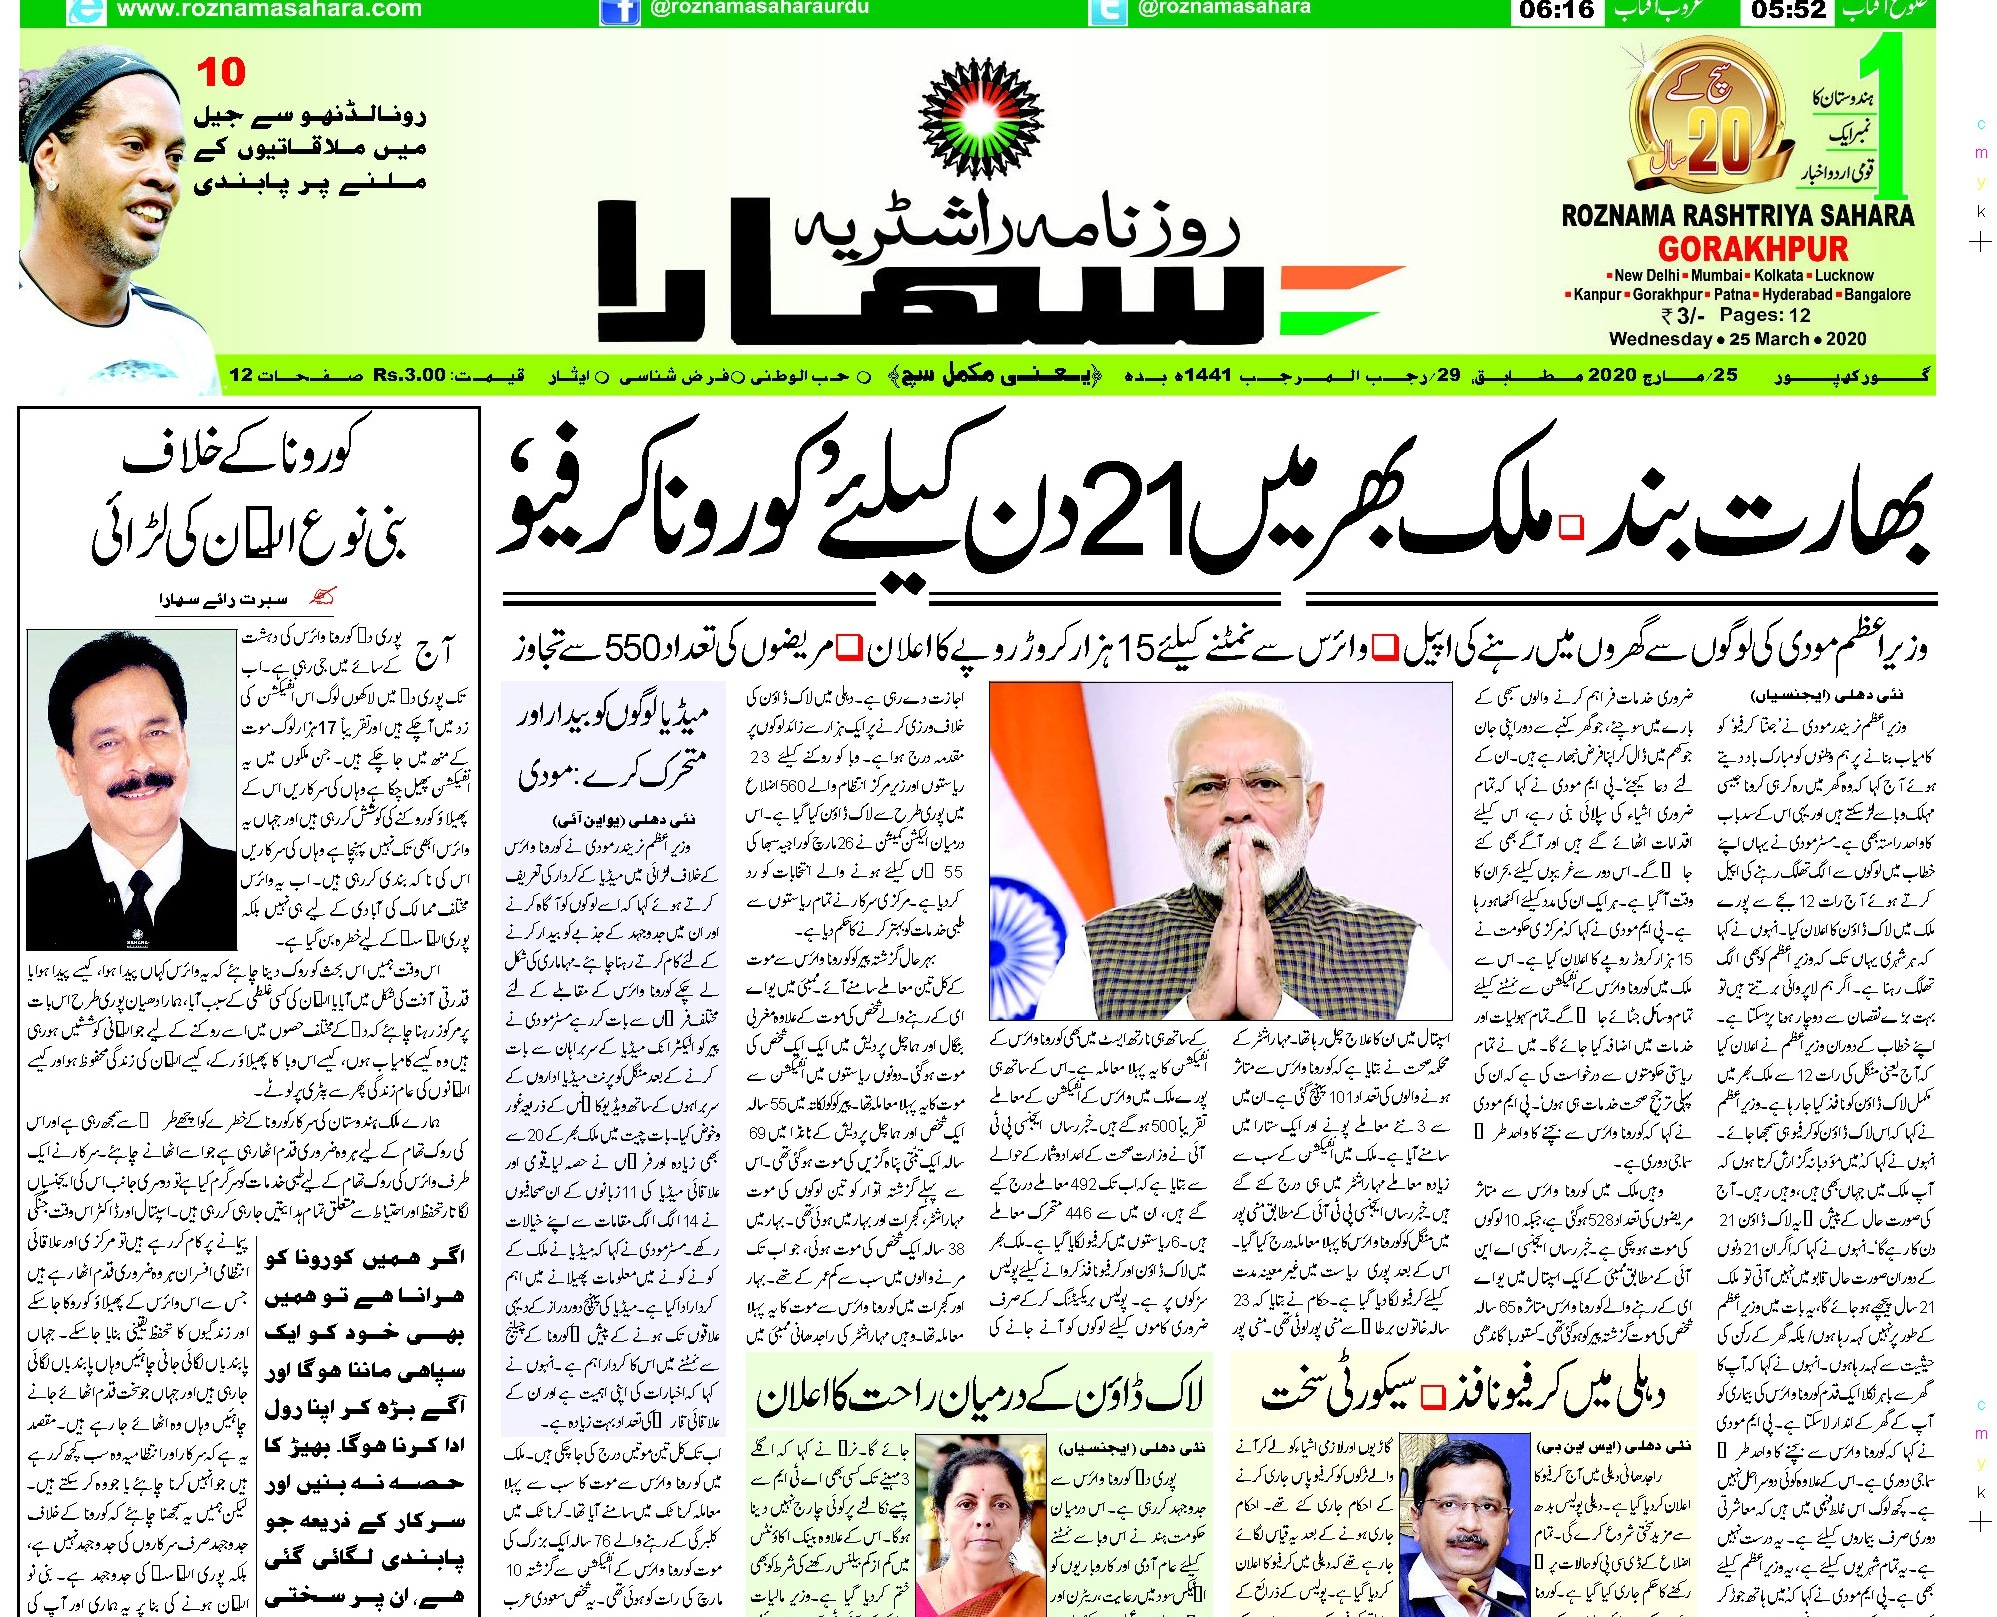 उर्दू दैनिक रोजनामा सहारा ने भी 21 दिन के लॉकडाउन को लीड बनाया है.